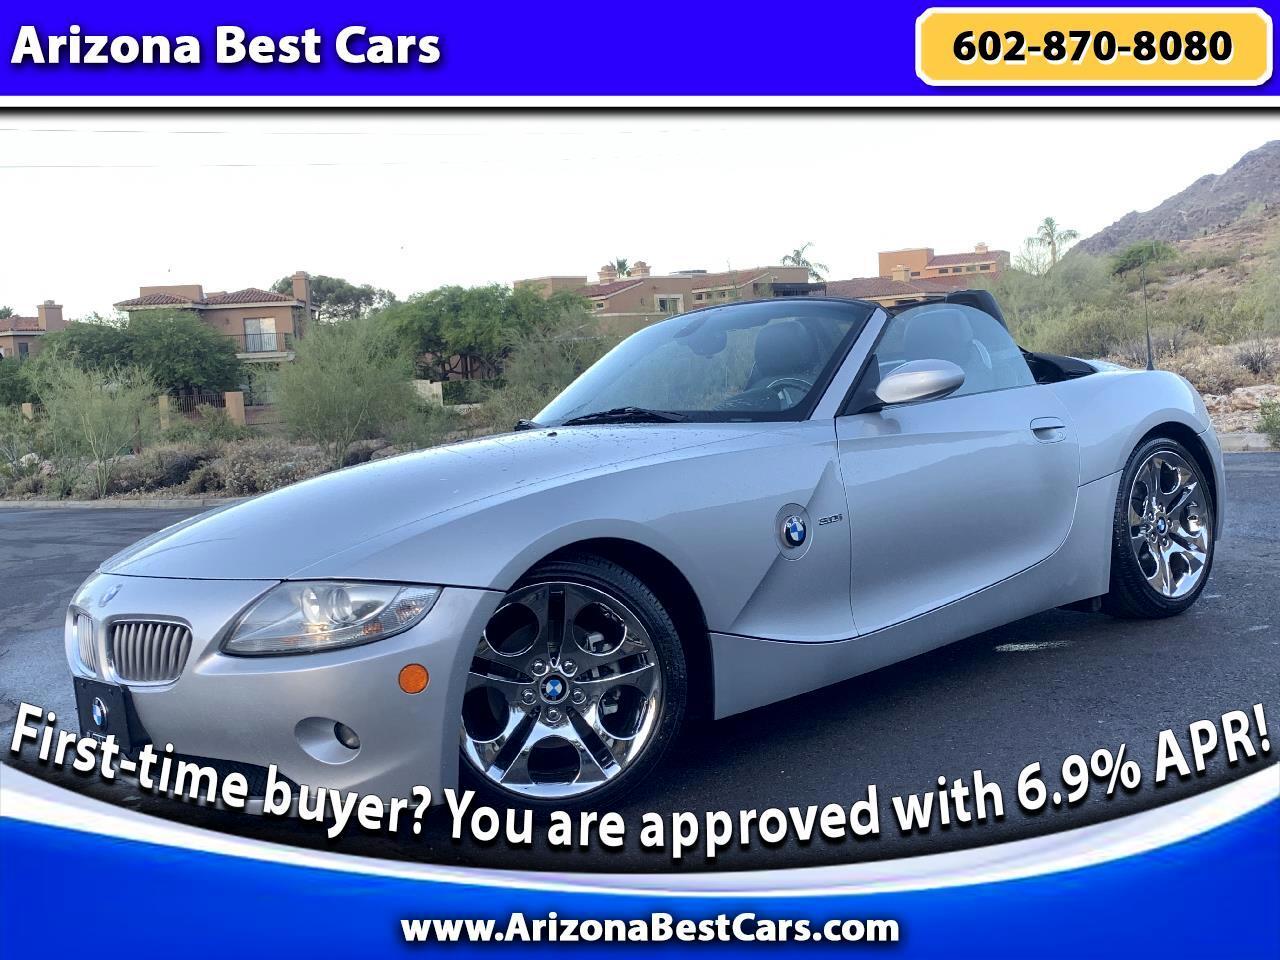 2005 BMW Z4 Roadster 3.0i